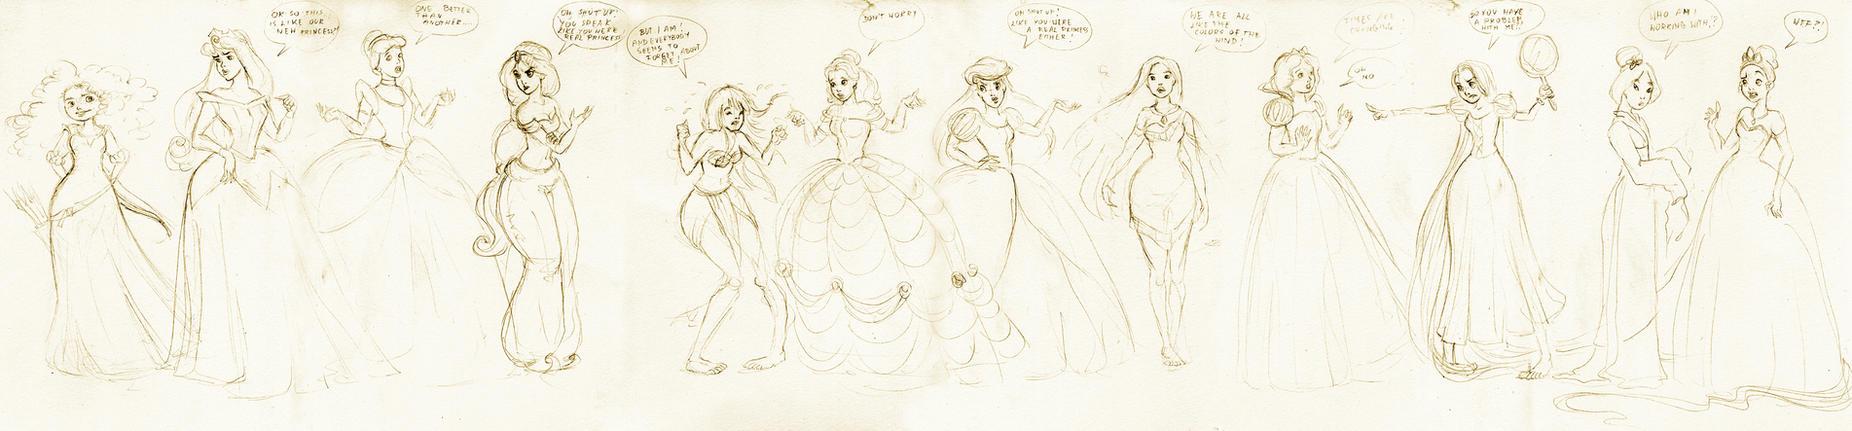 Princess Meeting doodles by kamarza